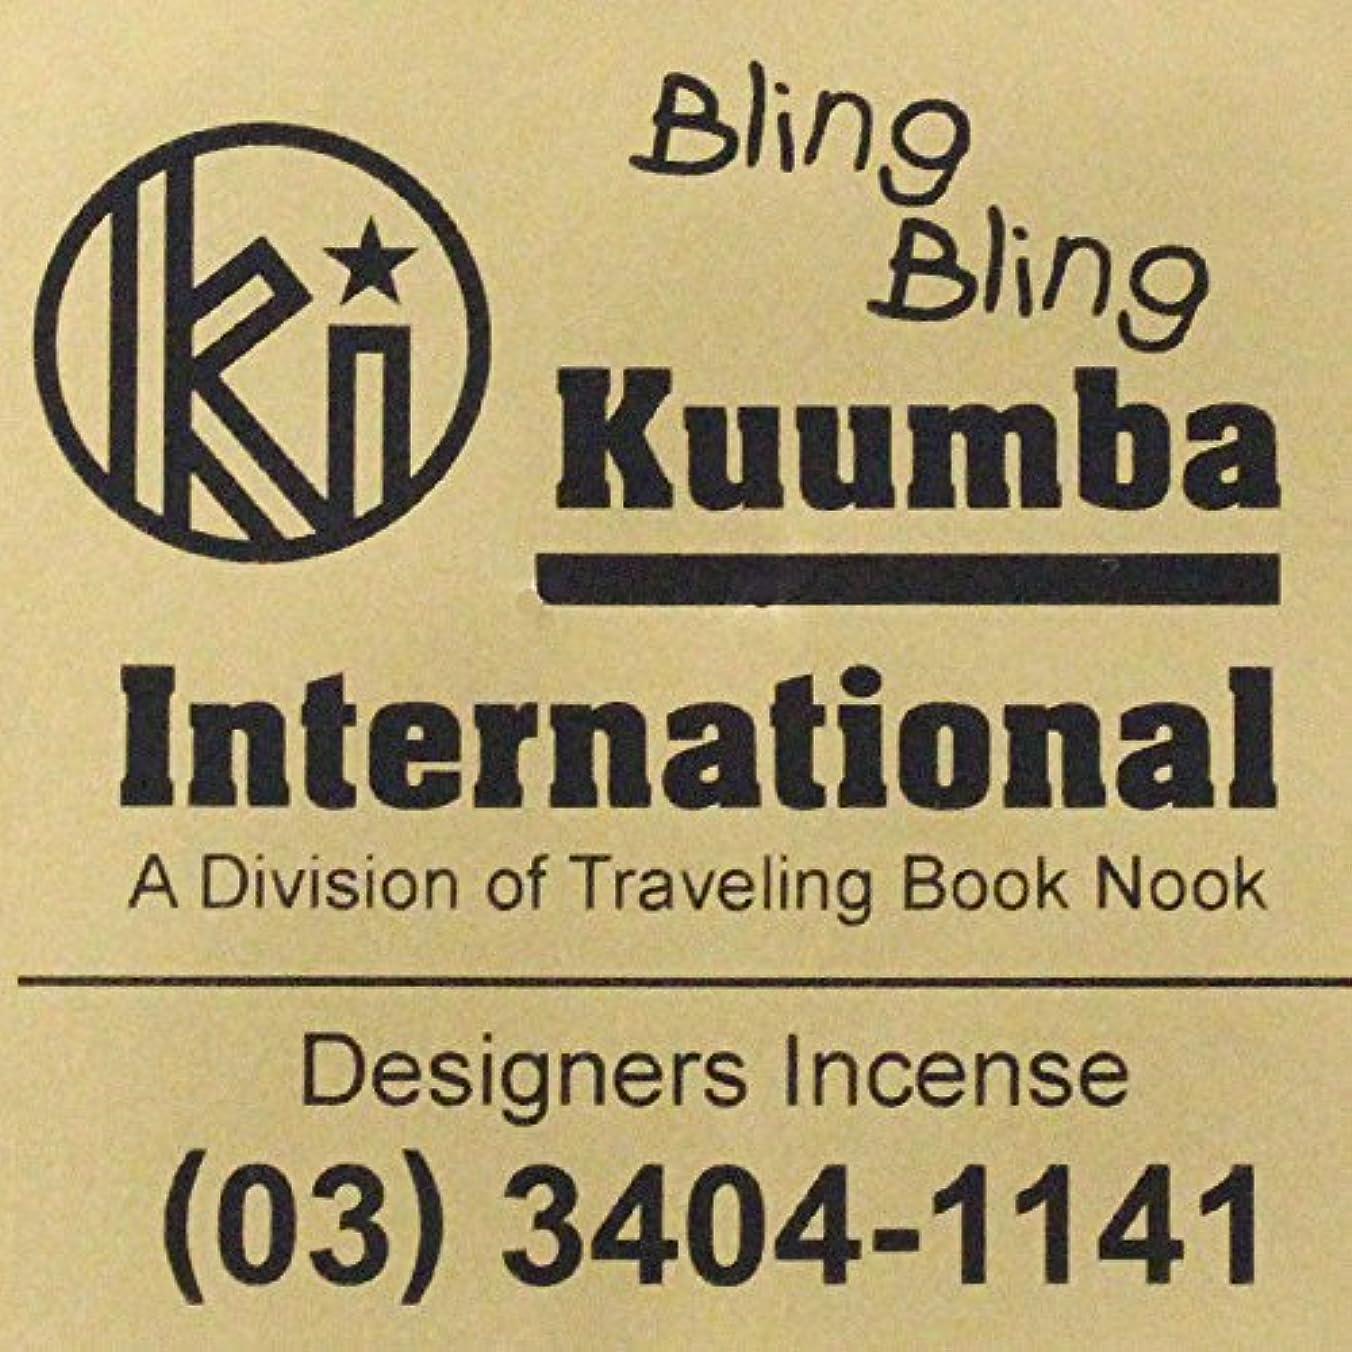 底未亡人マトン(クンバ) KUUMBA『incense』(Bling Bling) (Regular size)